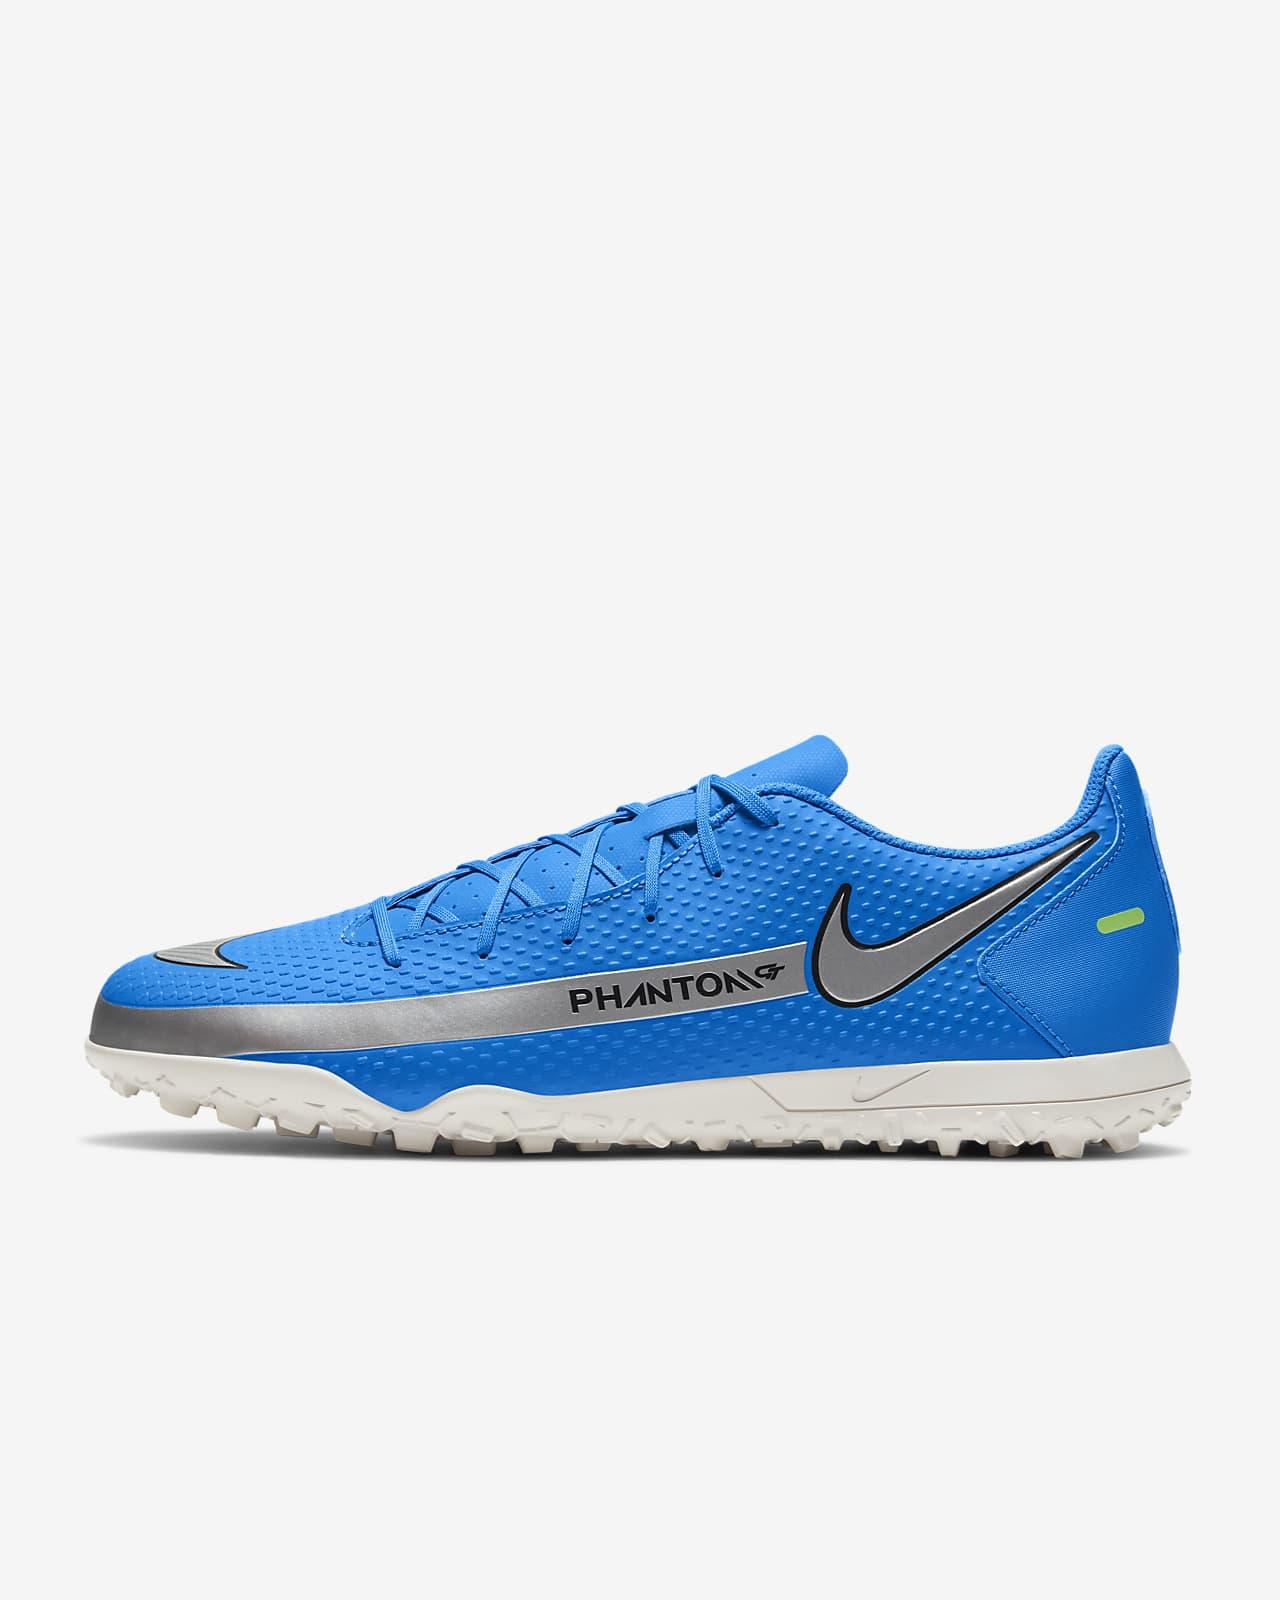 Calzado de fútbol para césped deportivo artificial (turf) Nike Phantom GT Club TF